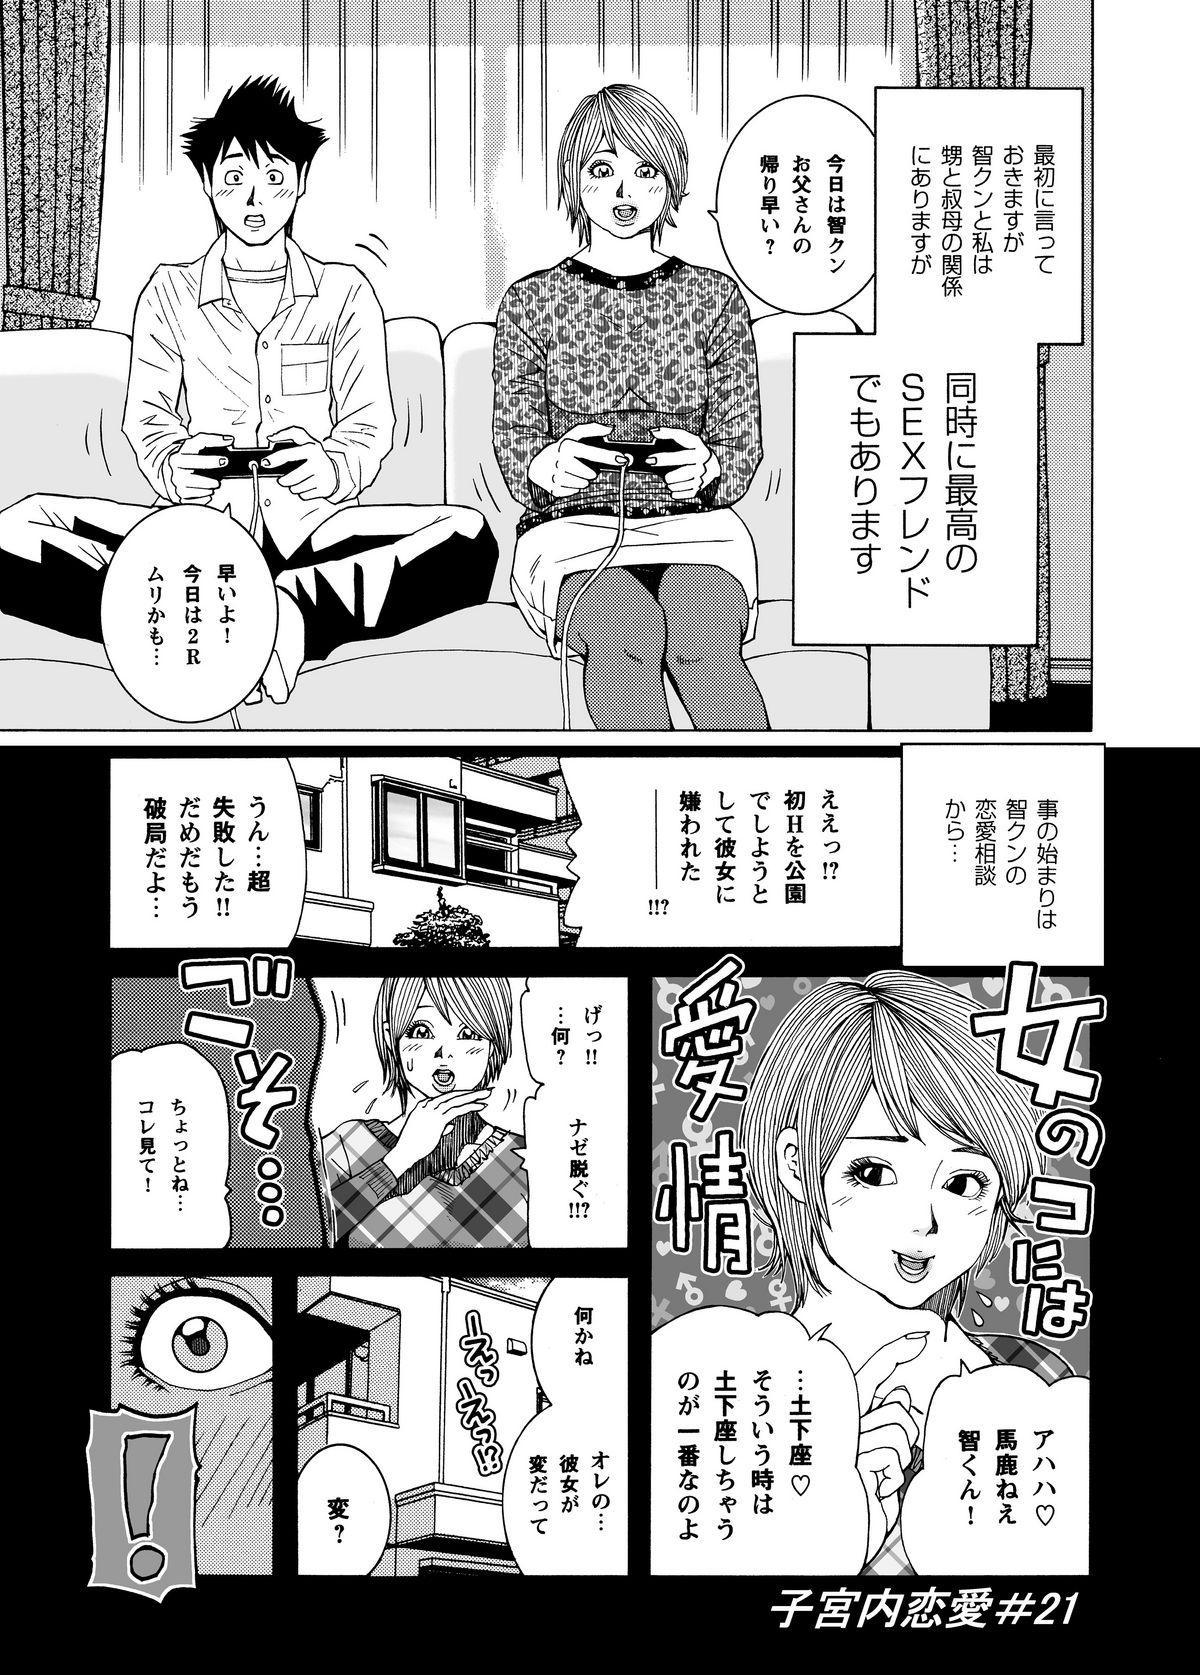 Shikyuunai Renai #14~#25 63